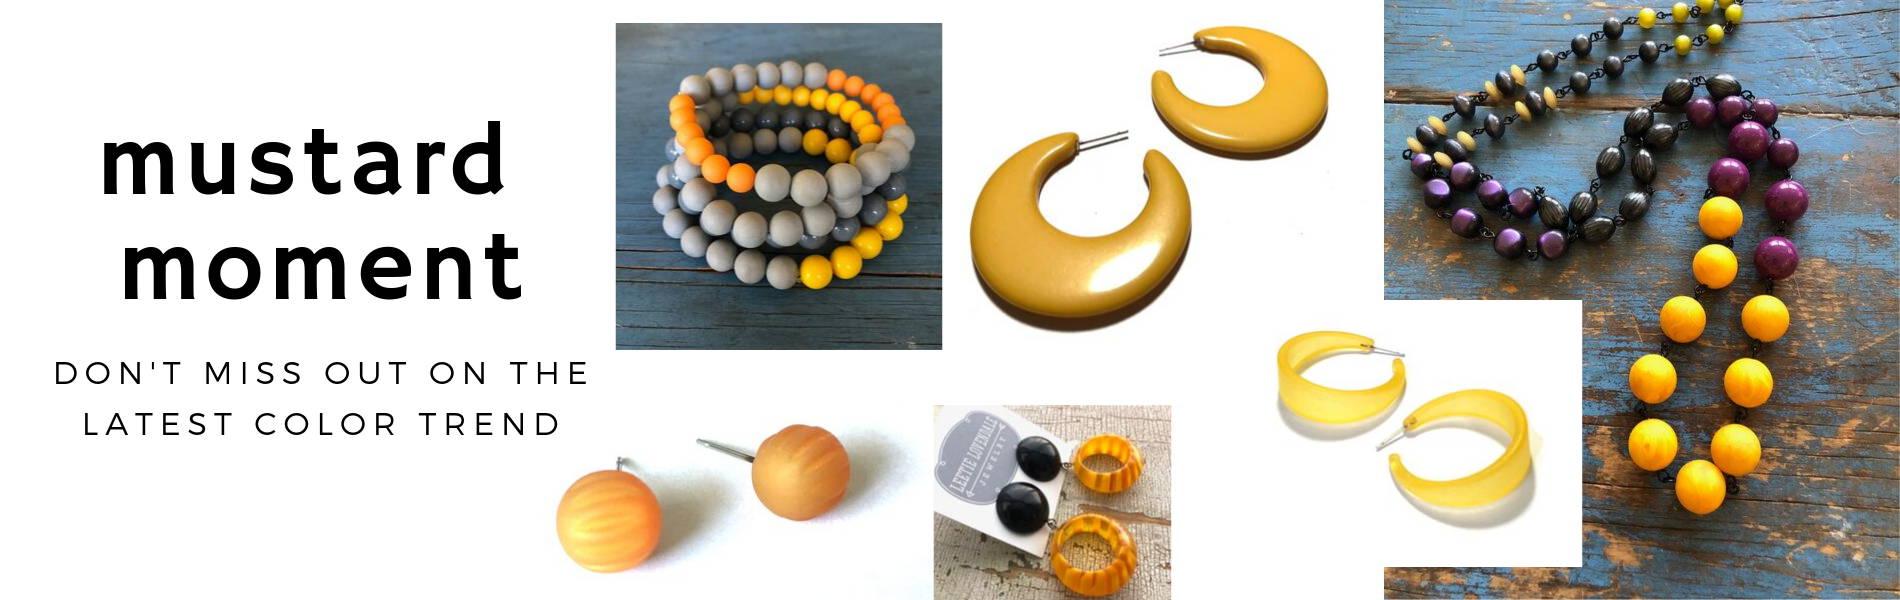 mutard yellow jewelry